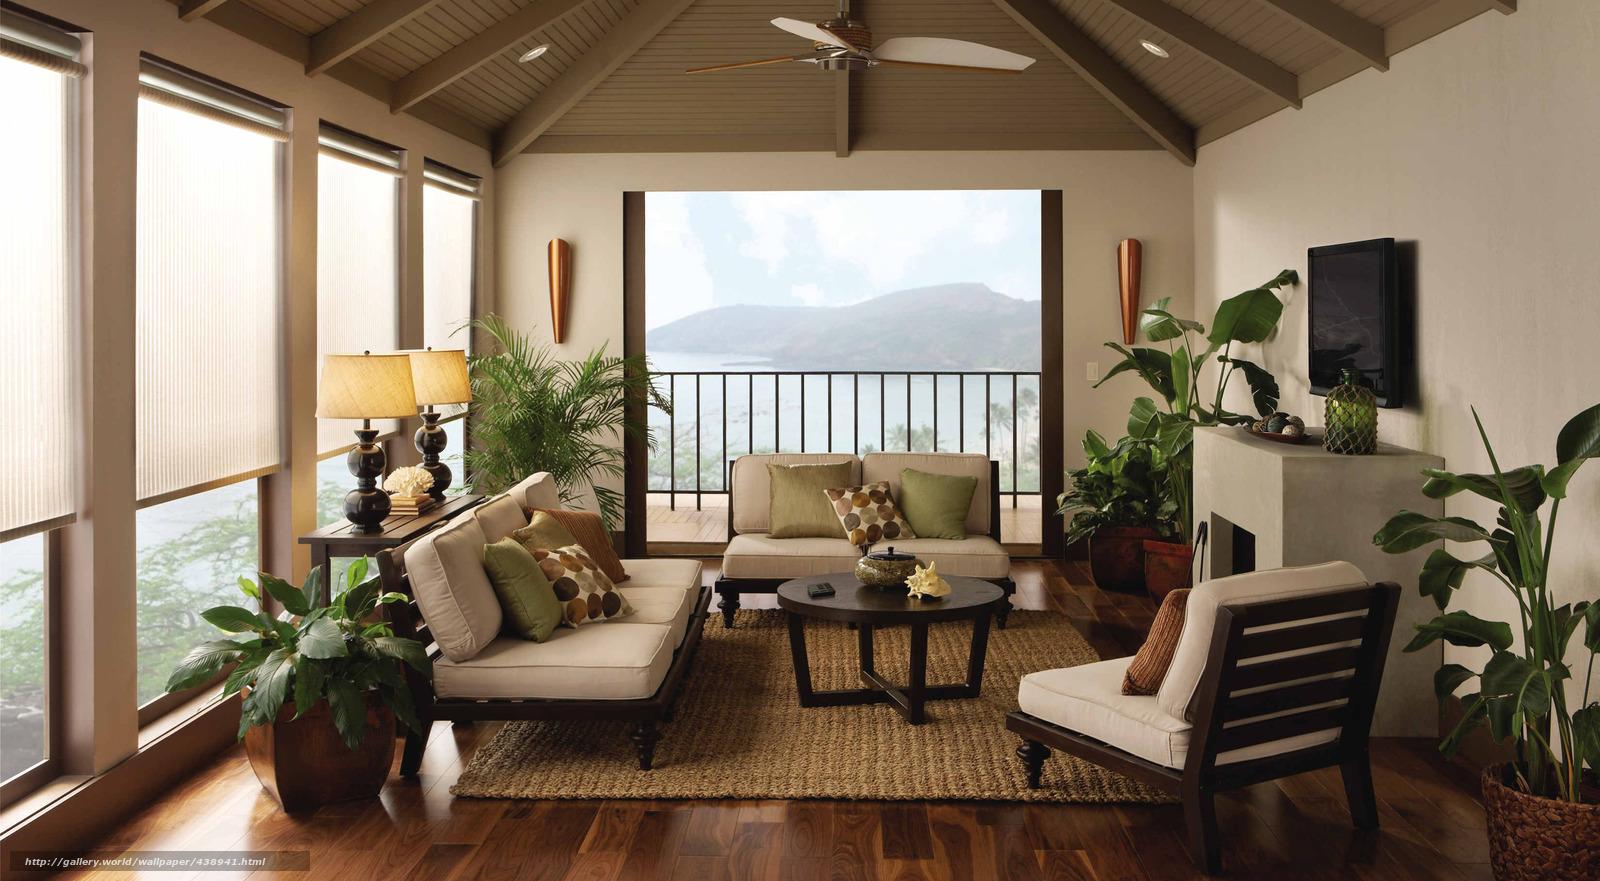 Fondo de pantalla sala de estar moderna for Casa moderna wallpaper